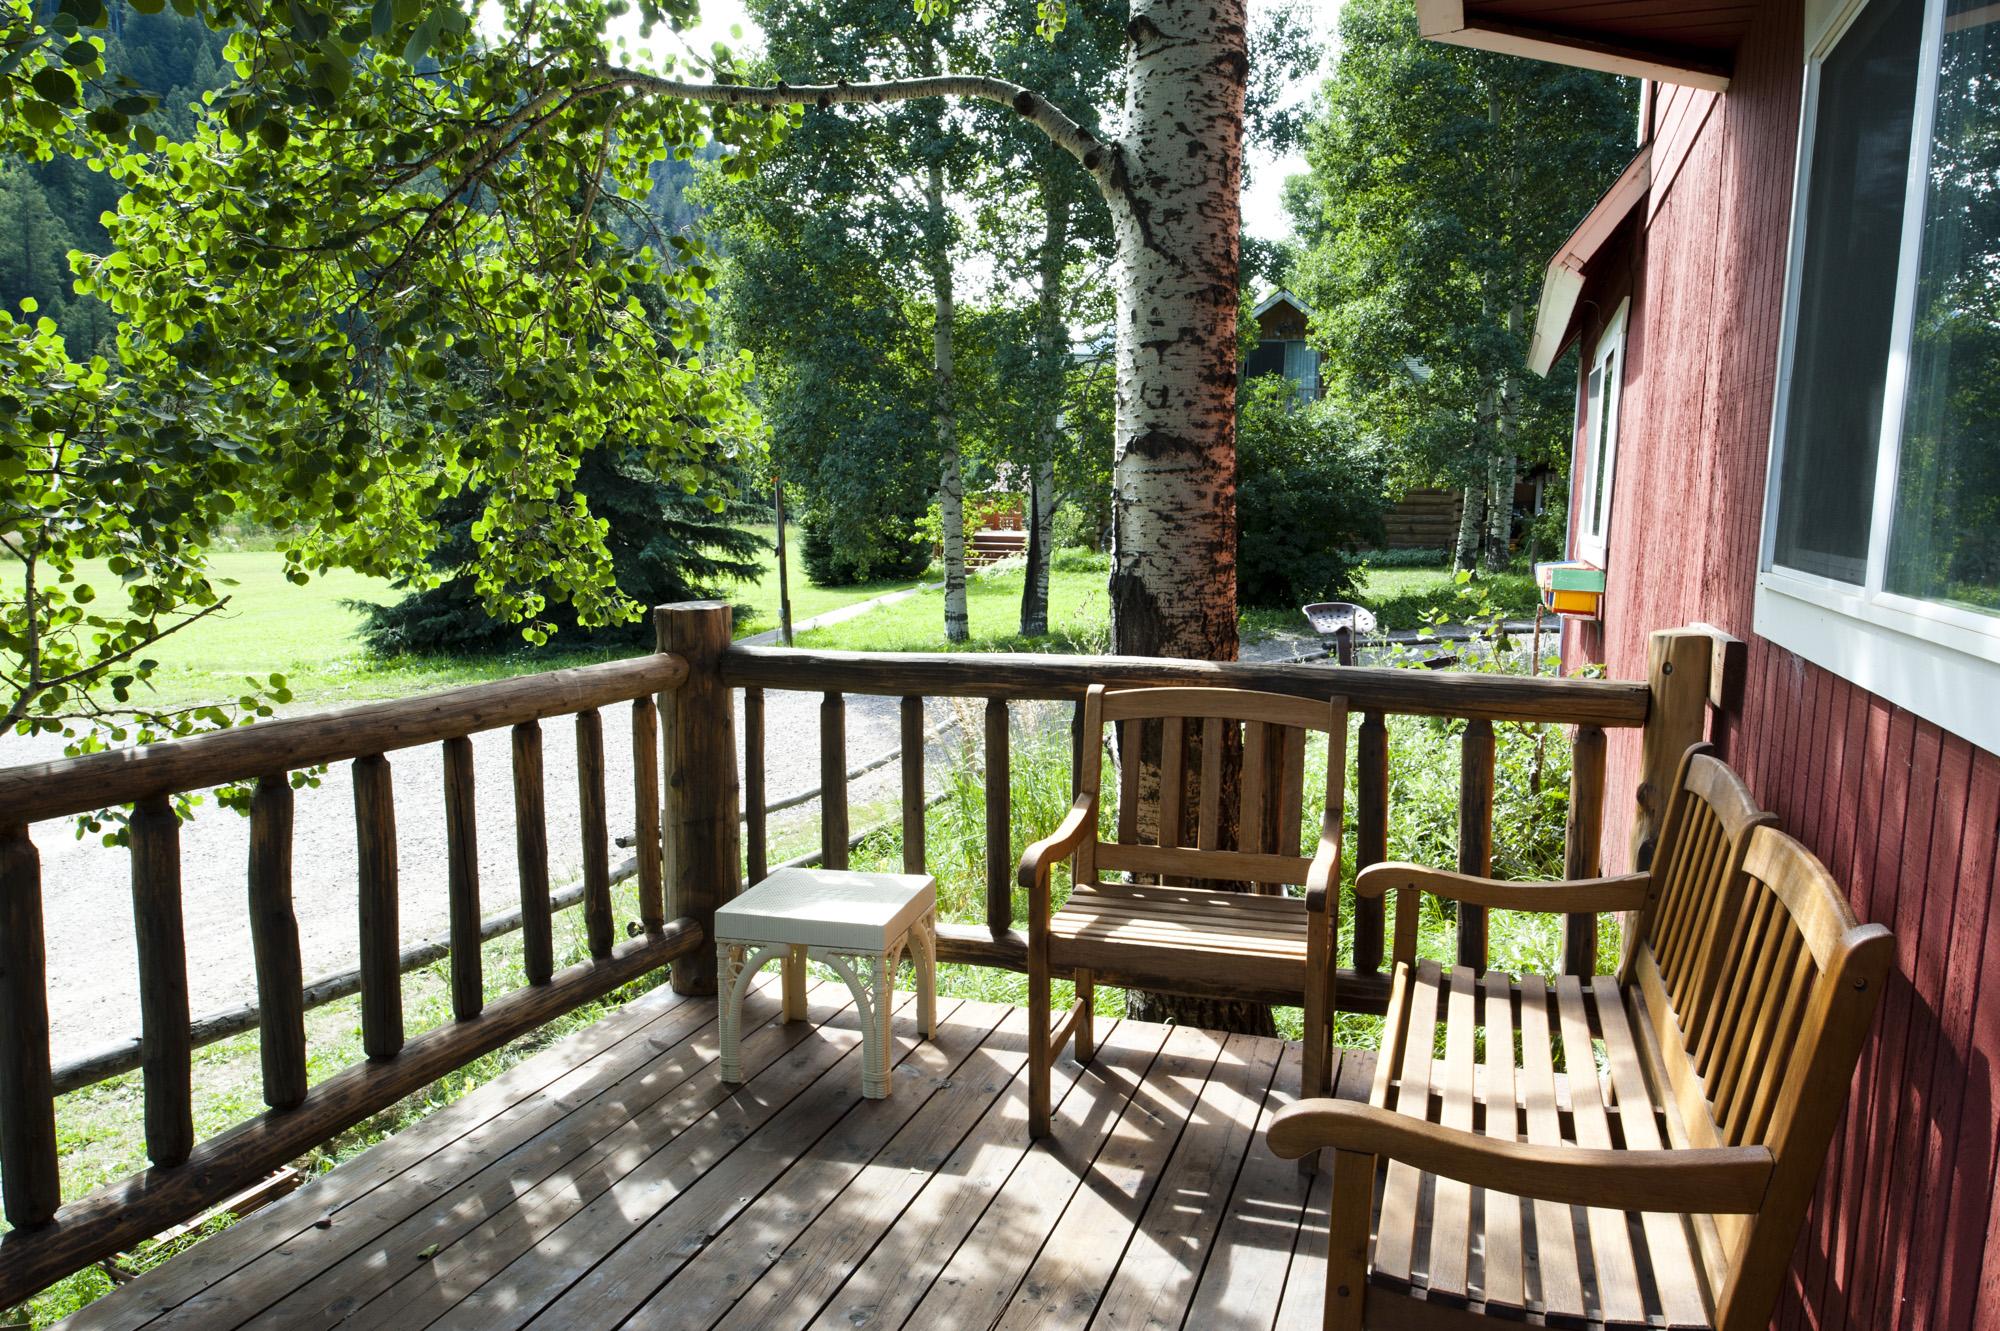 Chair_Mountain_RanchApartment-Deck.jpg